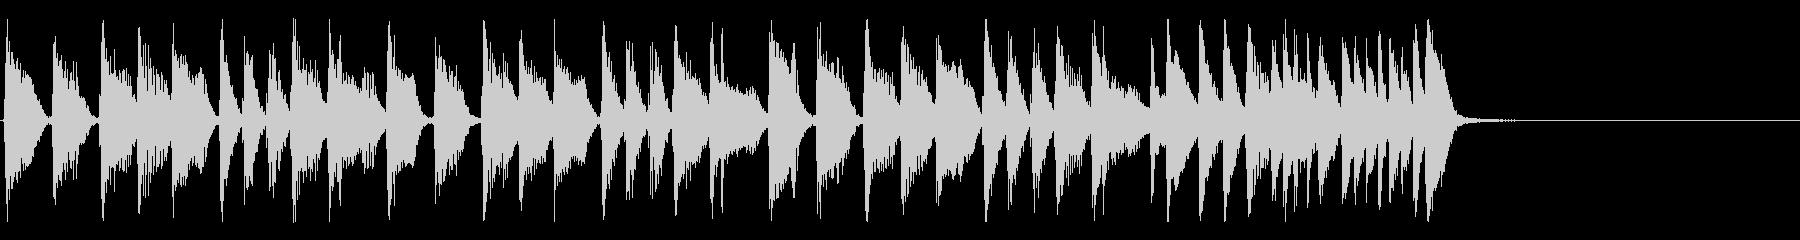 スタイリッシュなジャズファンクジングルの未再生の波形